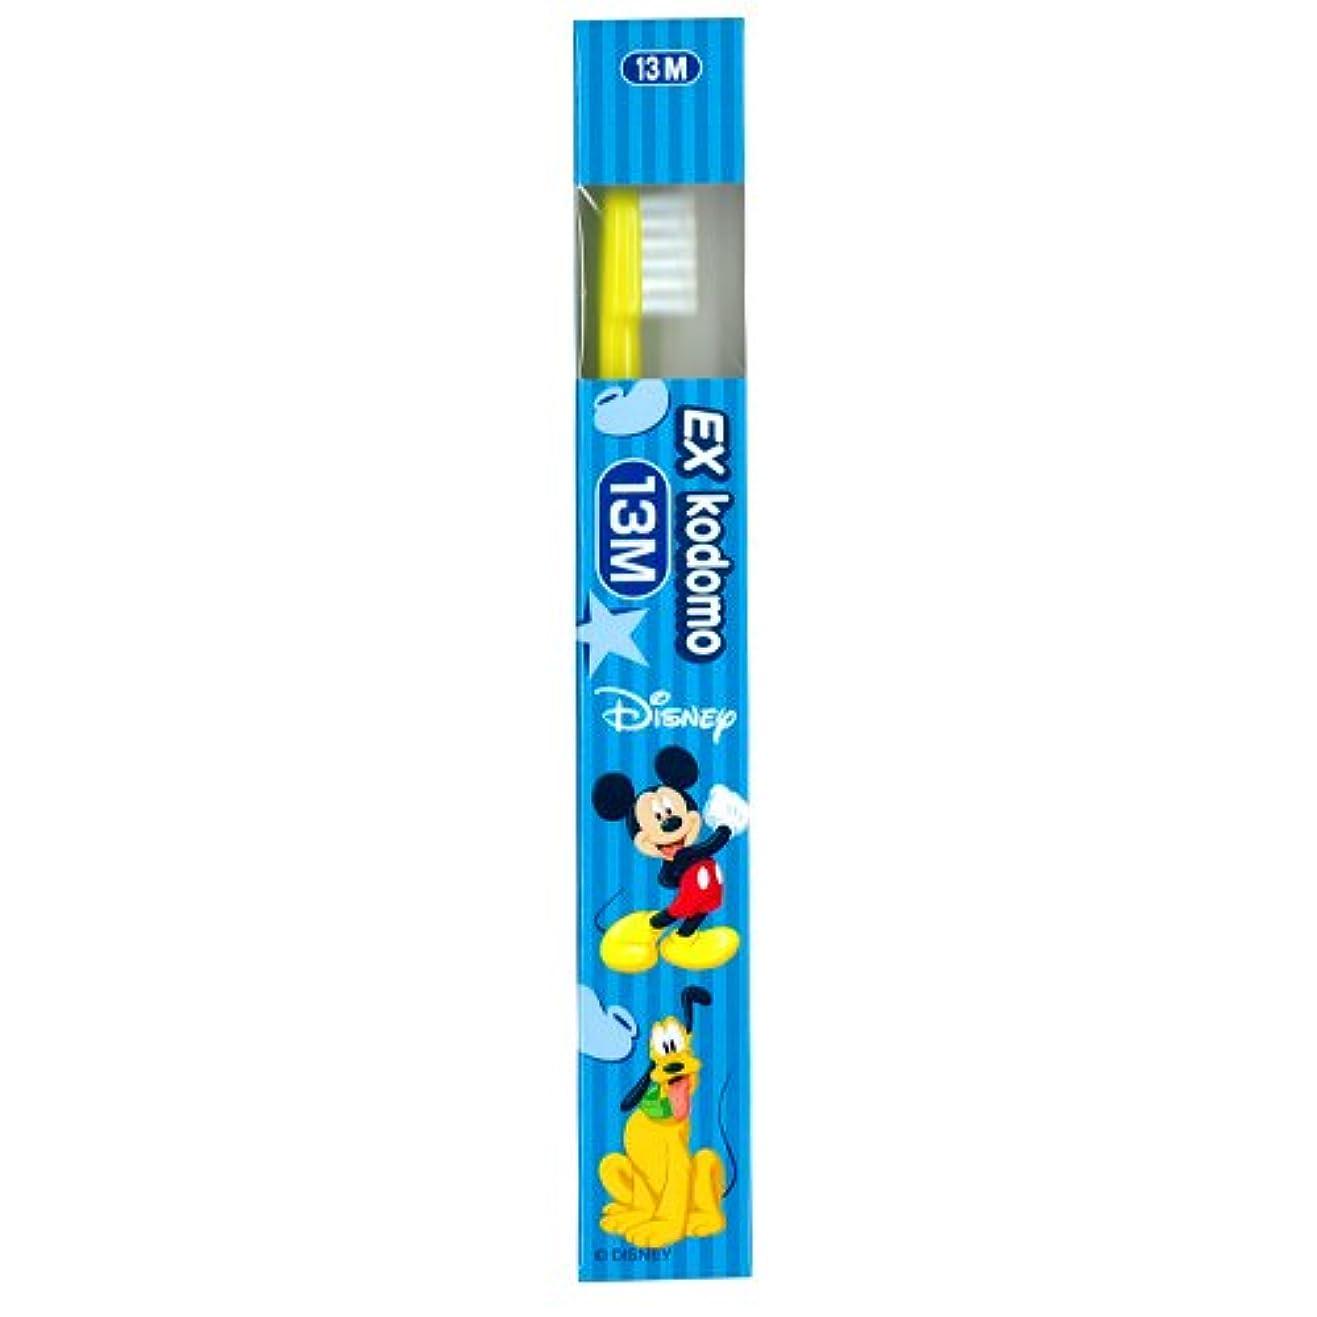 テレビ統計的弱まるライオン EX kodomo ディズニー 歯ブラシ 1本 13M イエロー